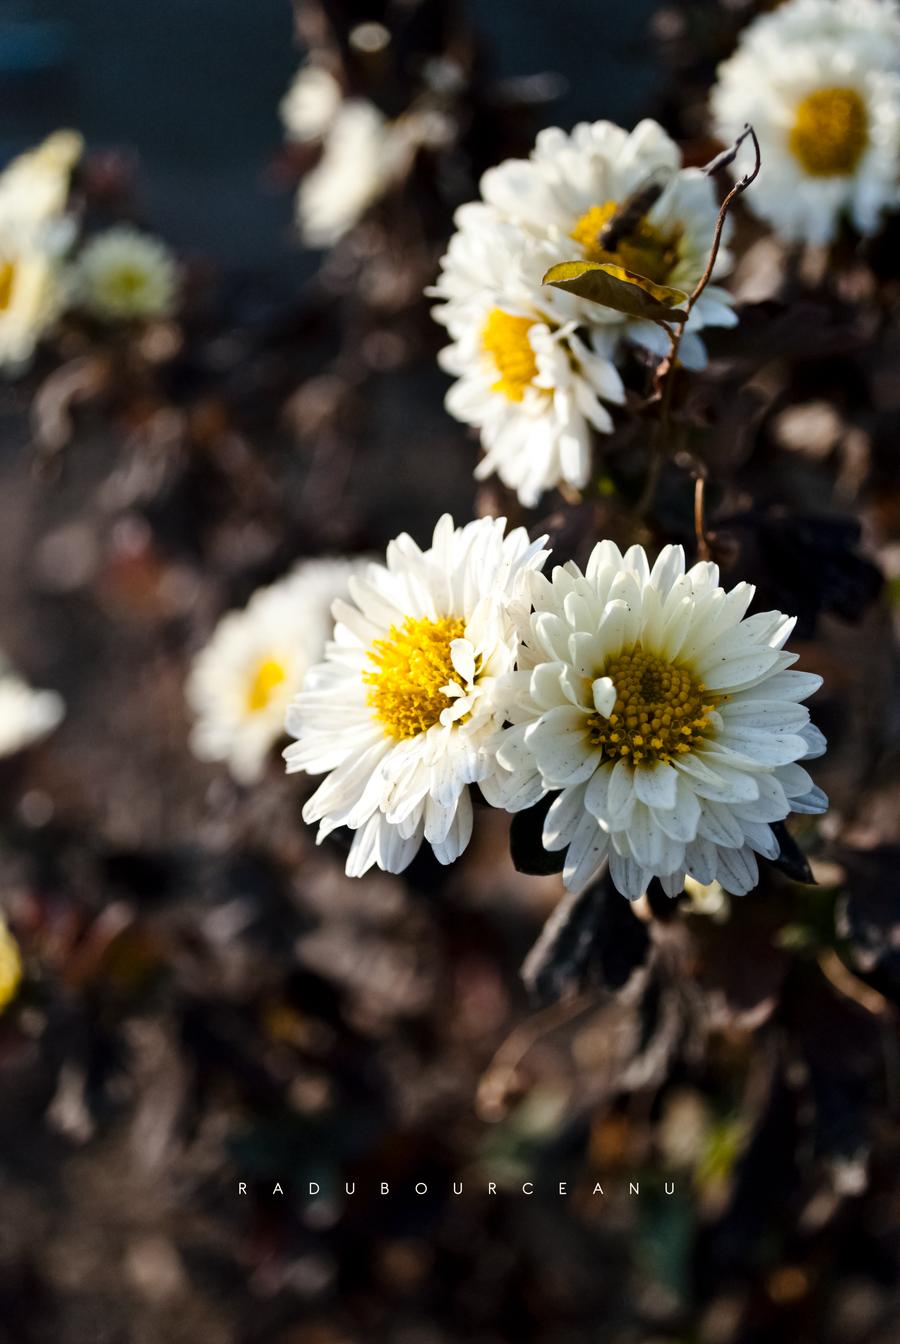 Flowers by RaduBourceanu